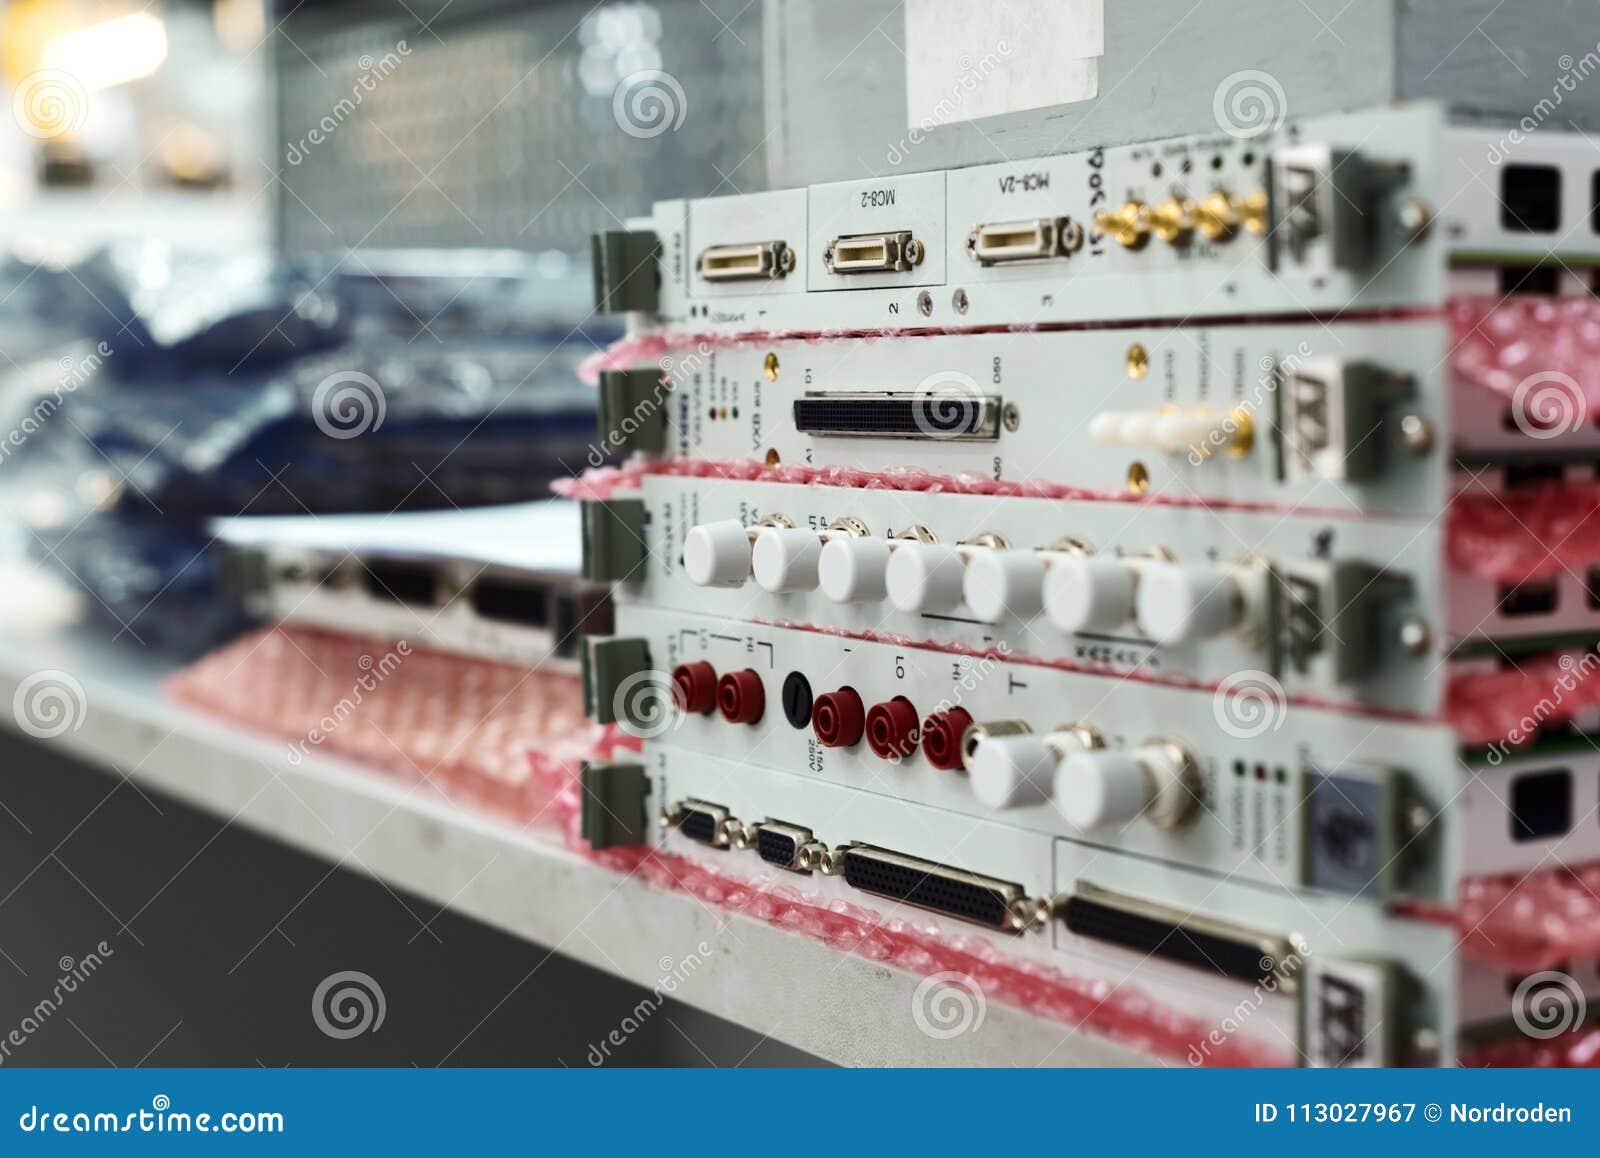 Módulos electrónicos y tarjetas electrónicas apilados en una pila